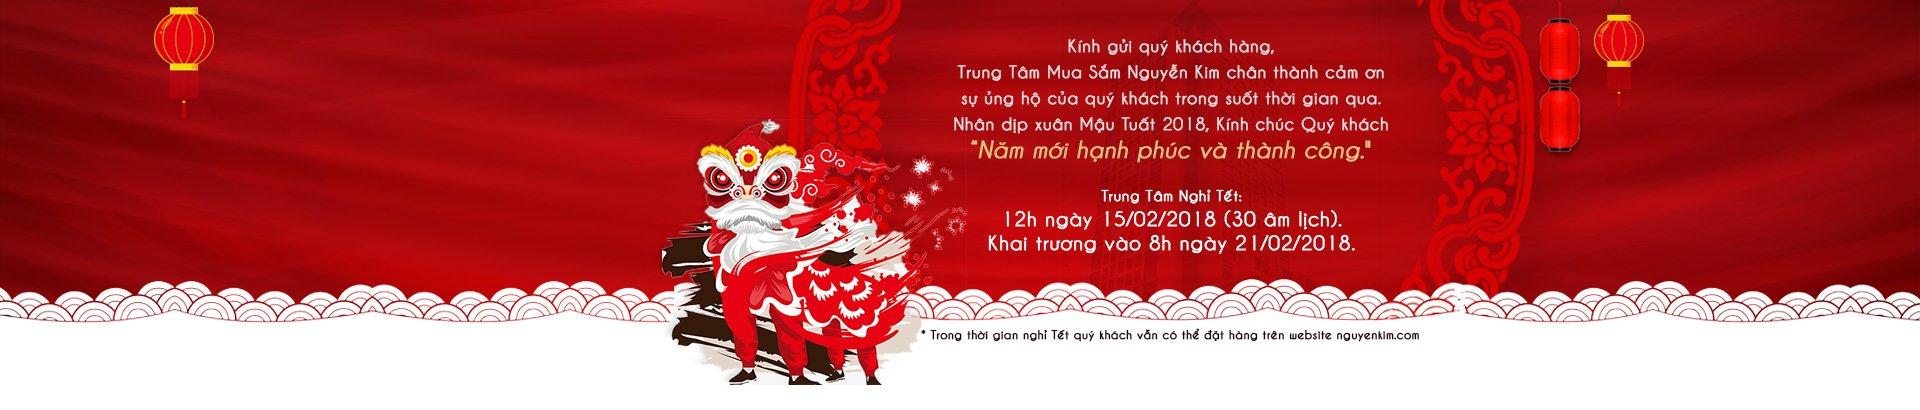 Lịch nghỉ Tết <br/> Nguyễn Kim